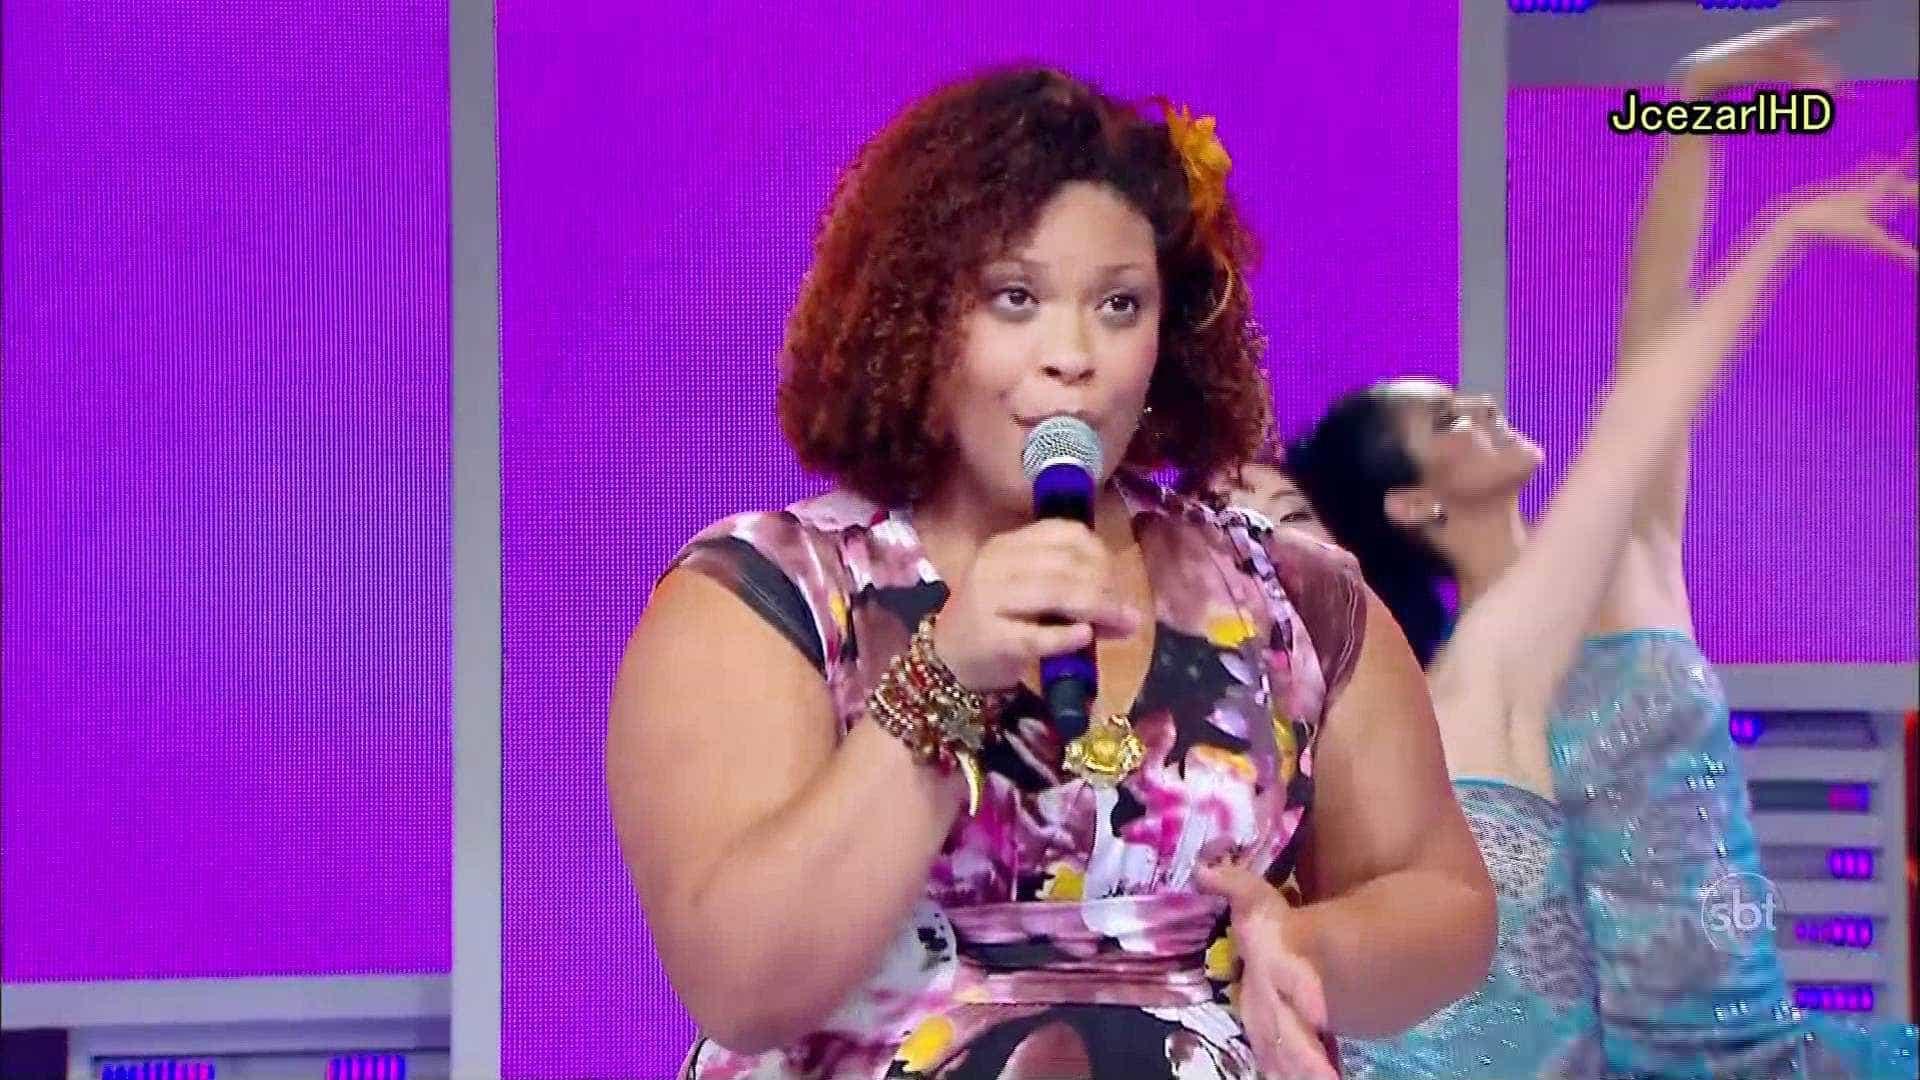 Vencedora do Canta Comigo projeta primeiro show e carreira em SP